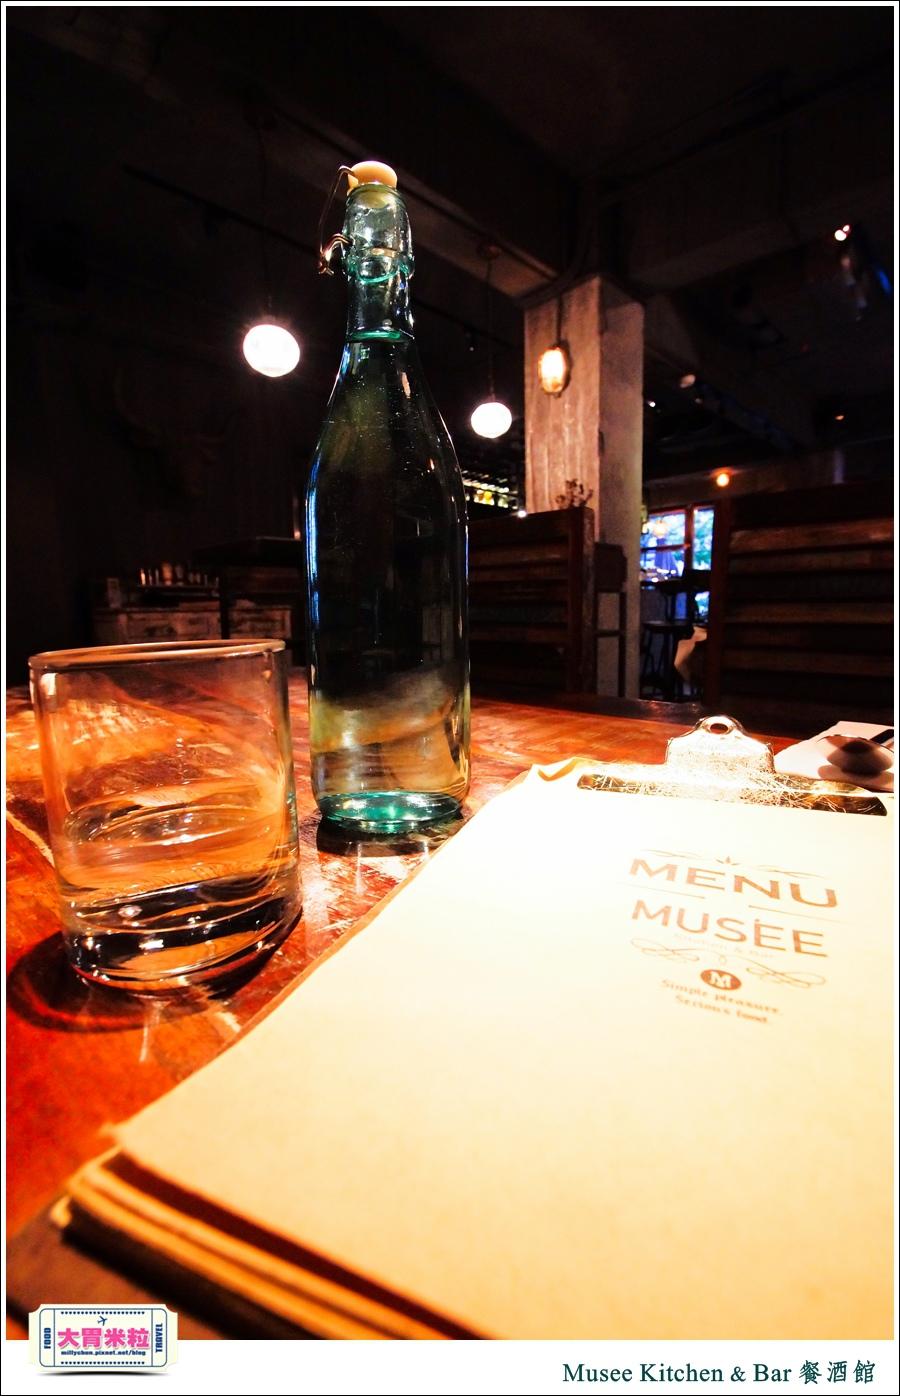 台北特色餐酒館推薦-Musee Kitchen & bar 工業風傢俱餐酒館-millychun0020.jpg